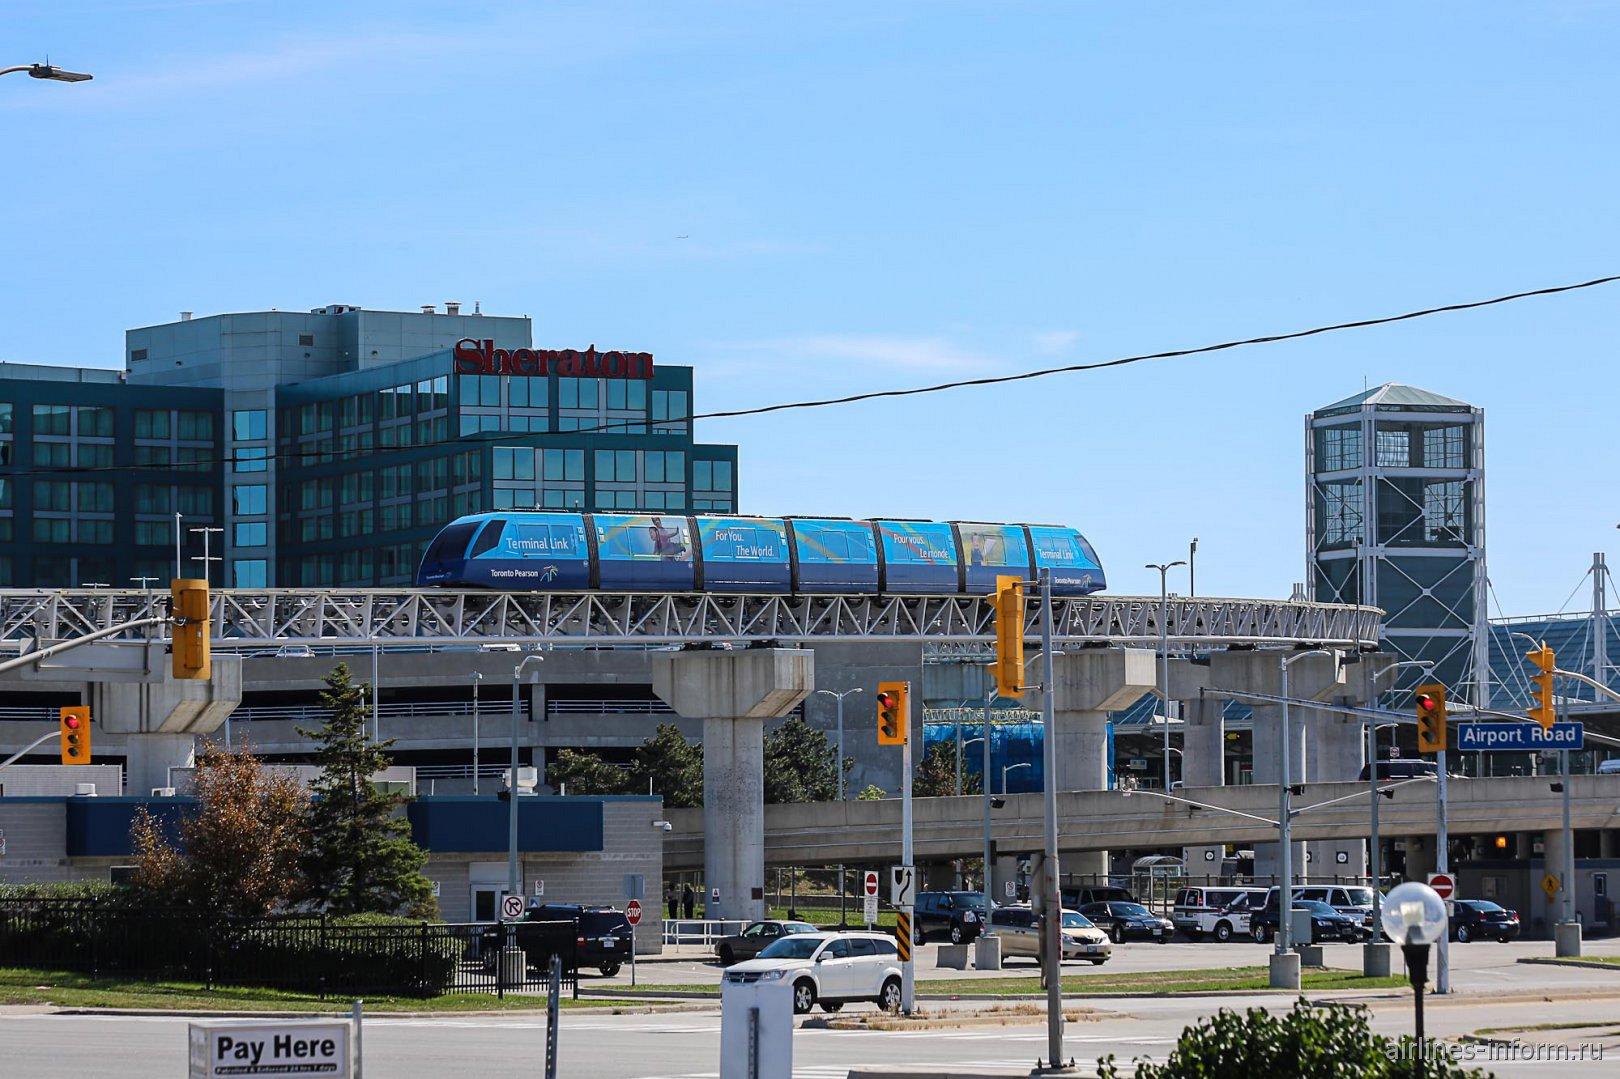 Монорельсовая дорога, связывающая терминалы 1 и 3 аэропорта Торонто Пирсон